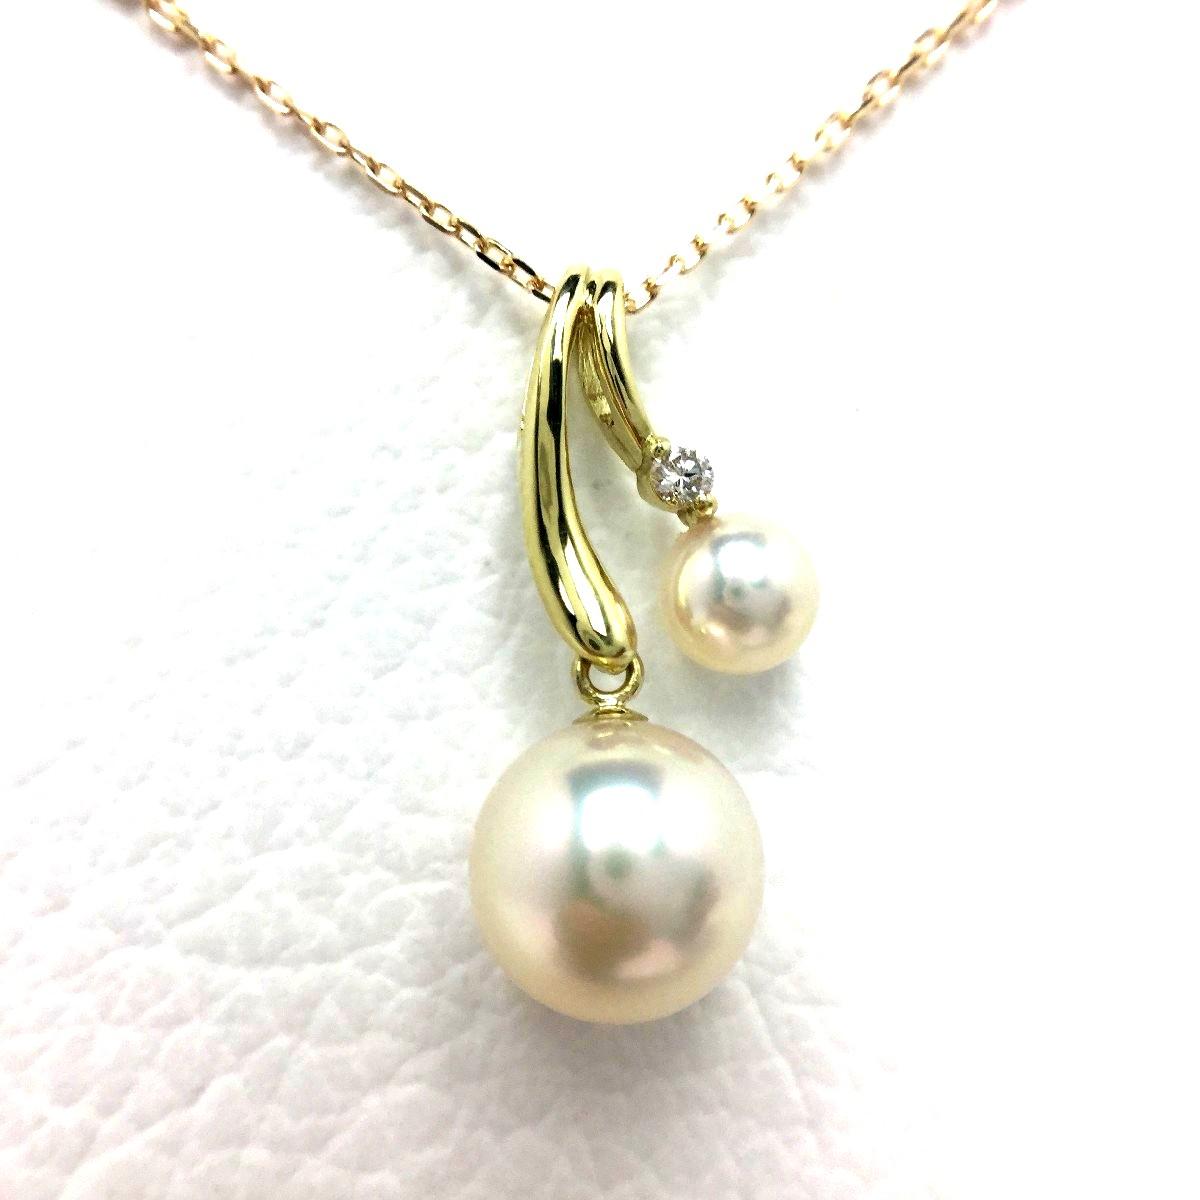 【10%OFF】真珠 ペンダント パール アコヤ真珠 7.53mm・4.4mm ホワイトピンク K18 イエローゴールド ダイヤモンド 0.02ct 植物 フラワー 66920 イソワパール